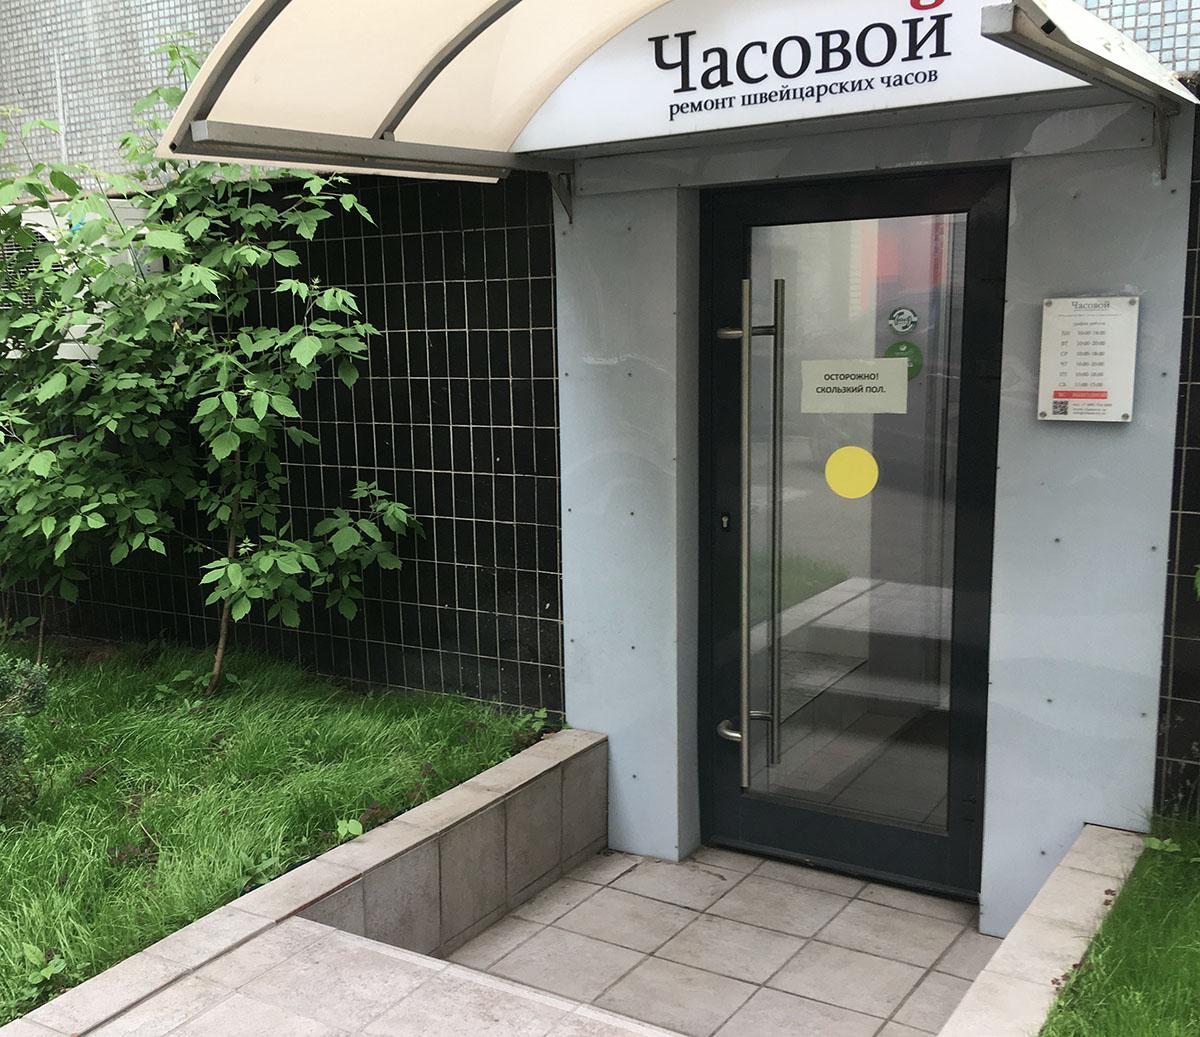 сервисный центр Часовой ул.Марксистская 34 корп 8 адрес ремонт часов